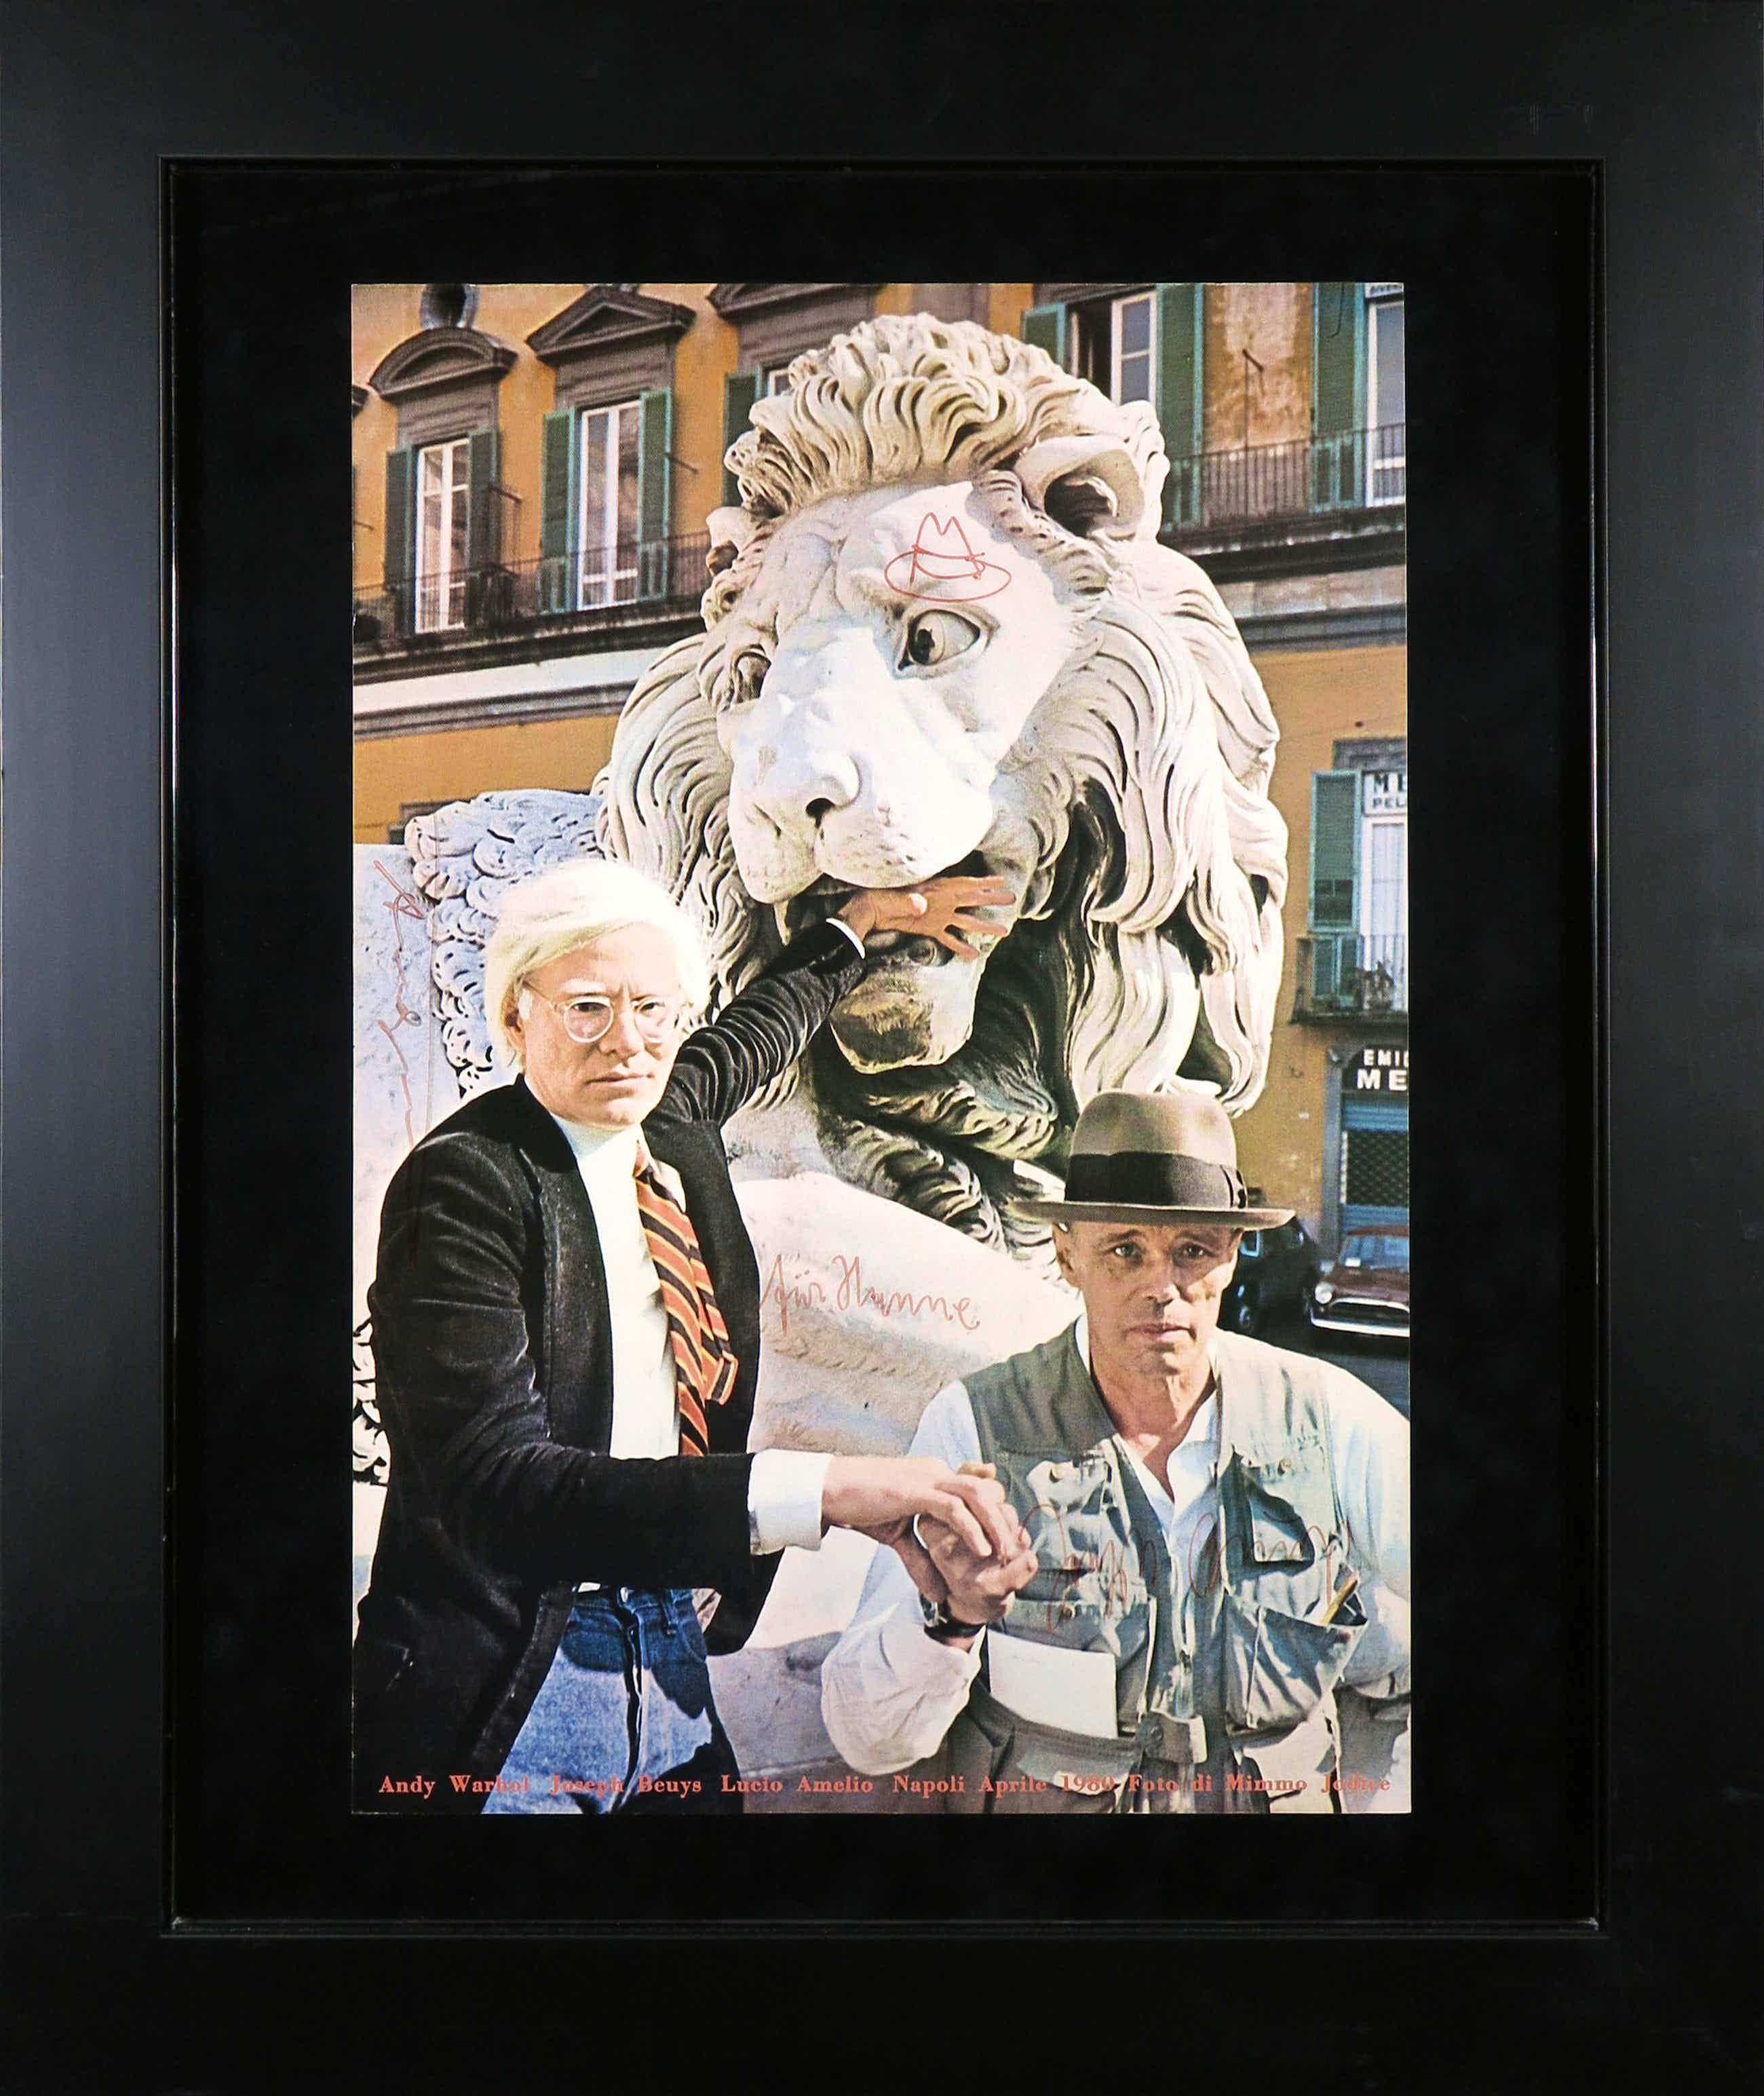 Andy Warhol - en Joseph Beuys - Handgesigneerd affiche voor tentoonstelling - Ingelijst kopen? Bied vanaf 900!